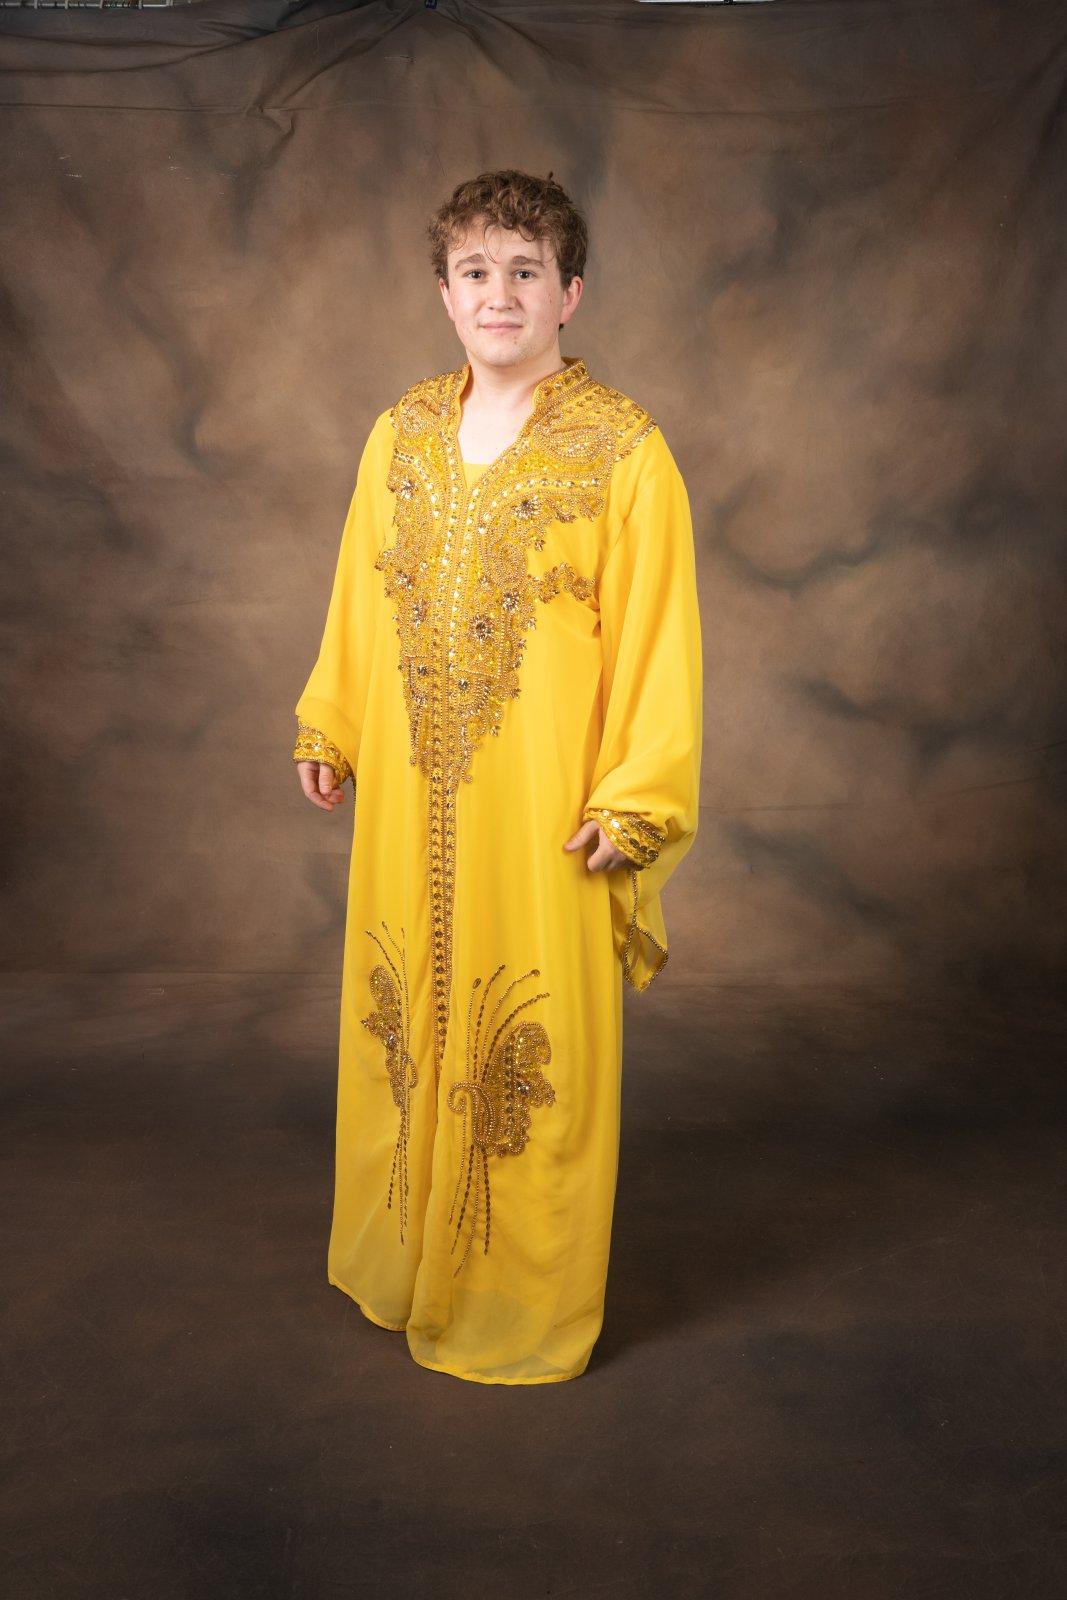 Pharaoh Night Robe Yellow